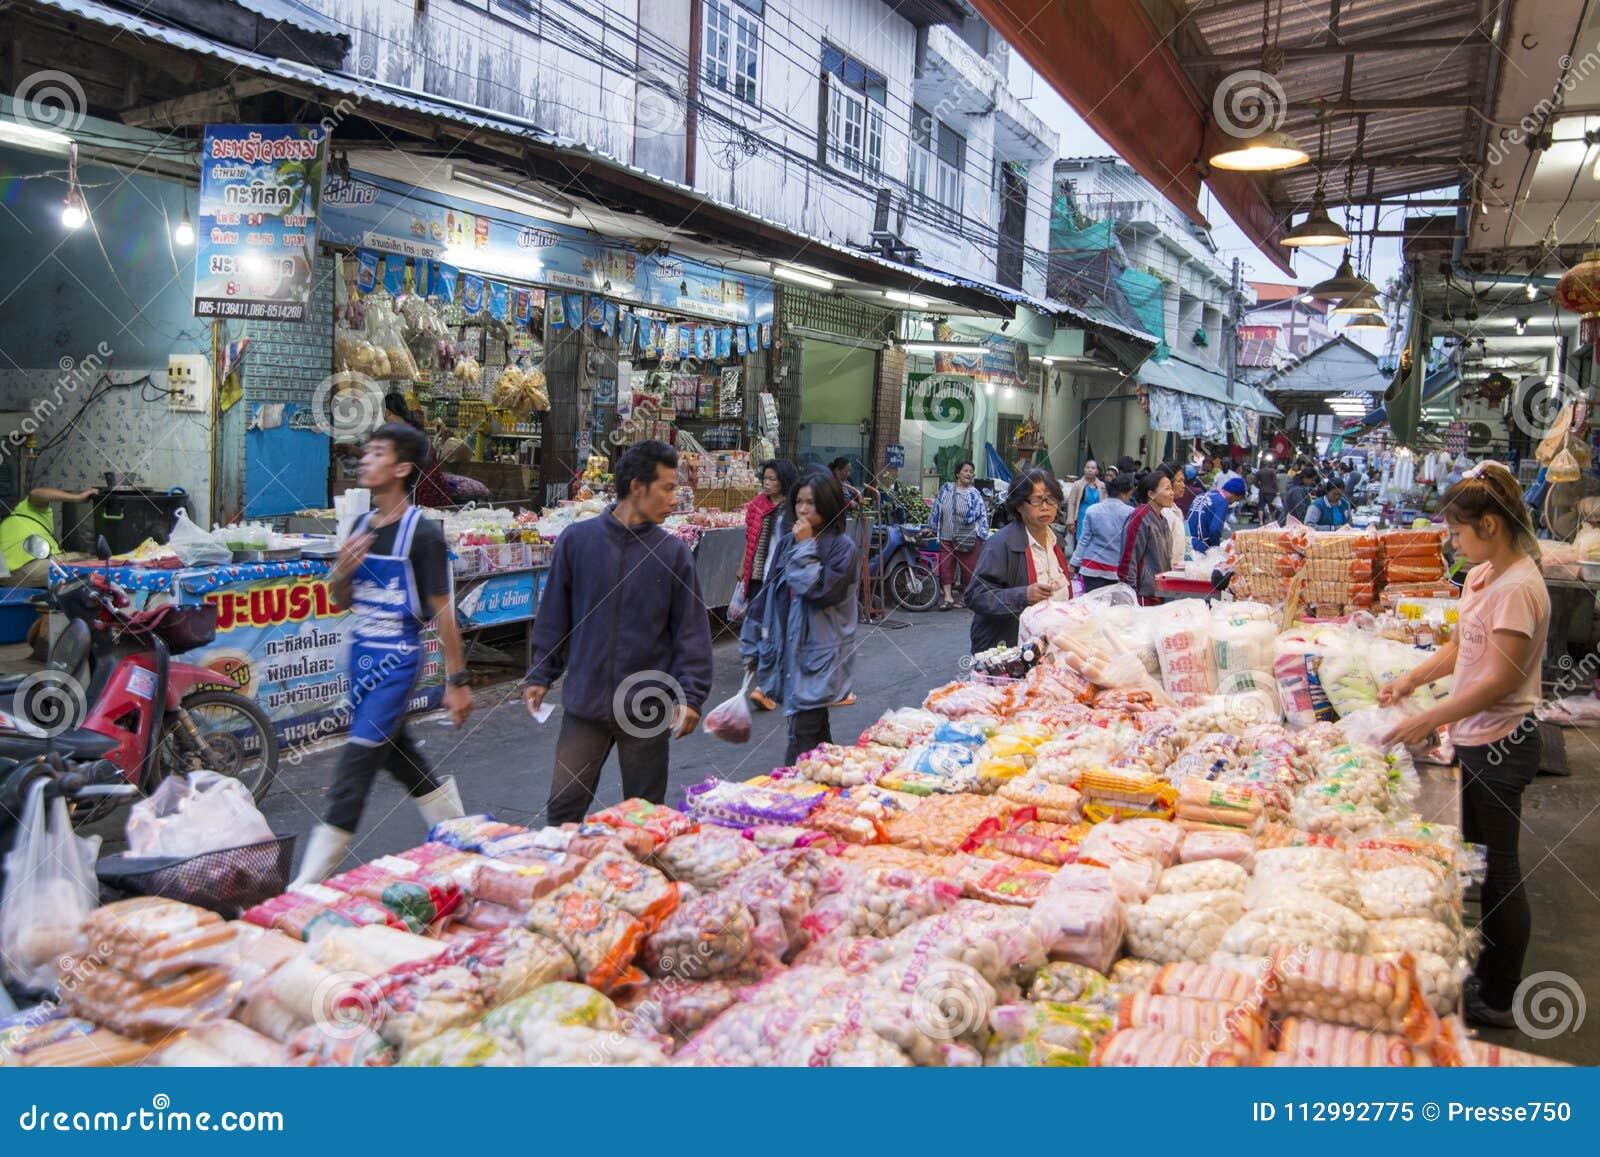 THAILAND BURIRAM MARKET